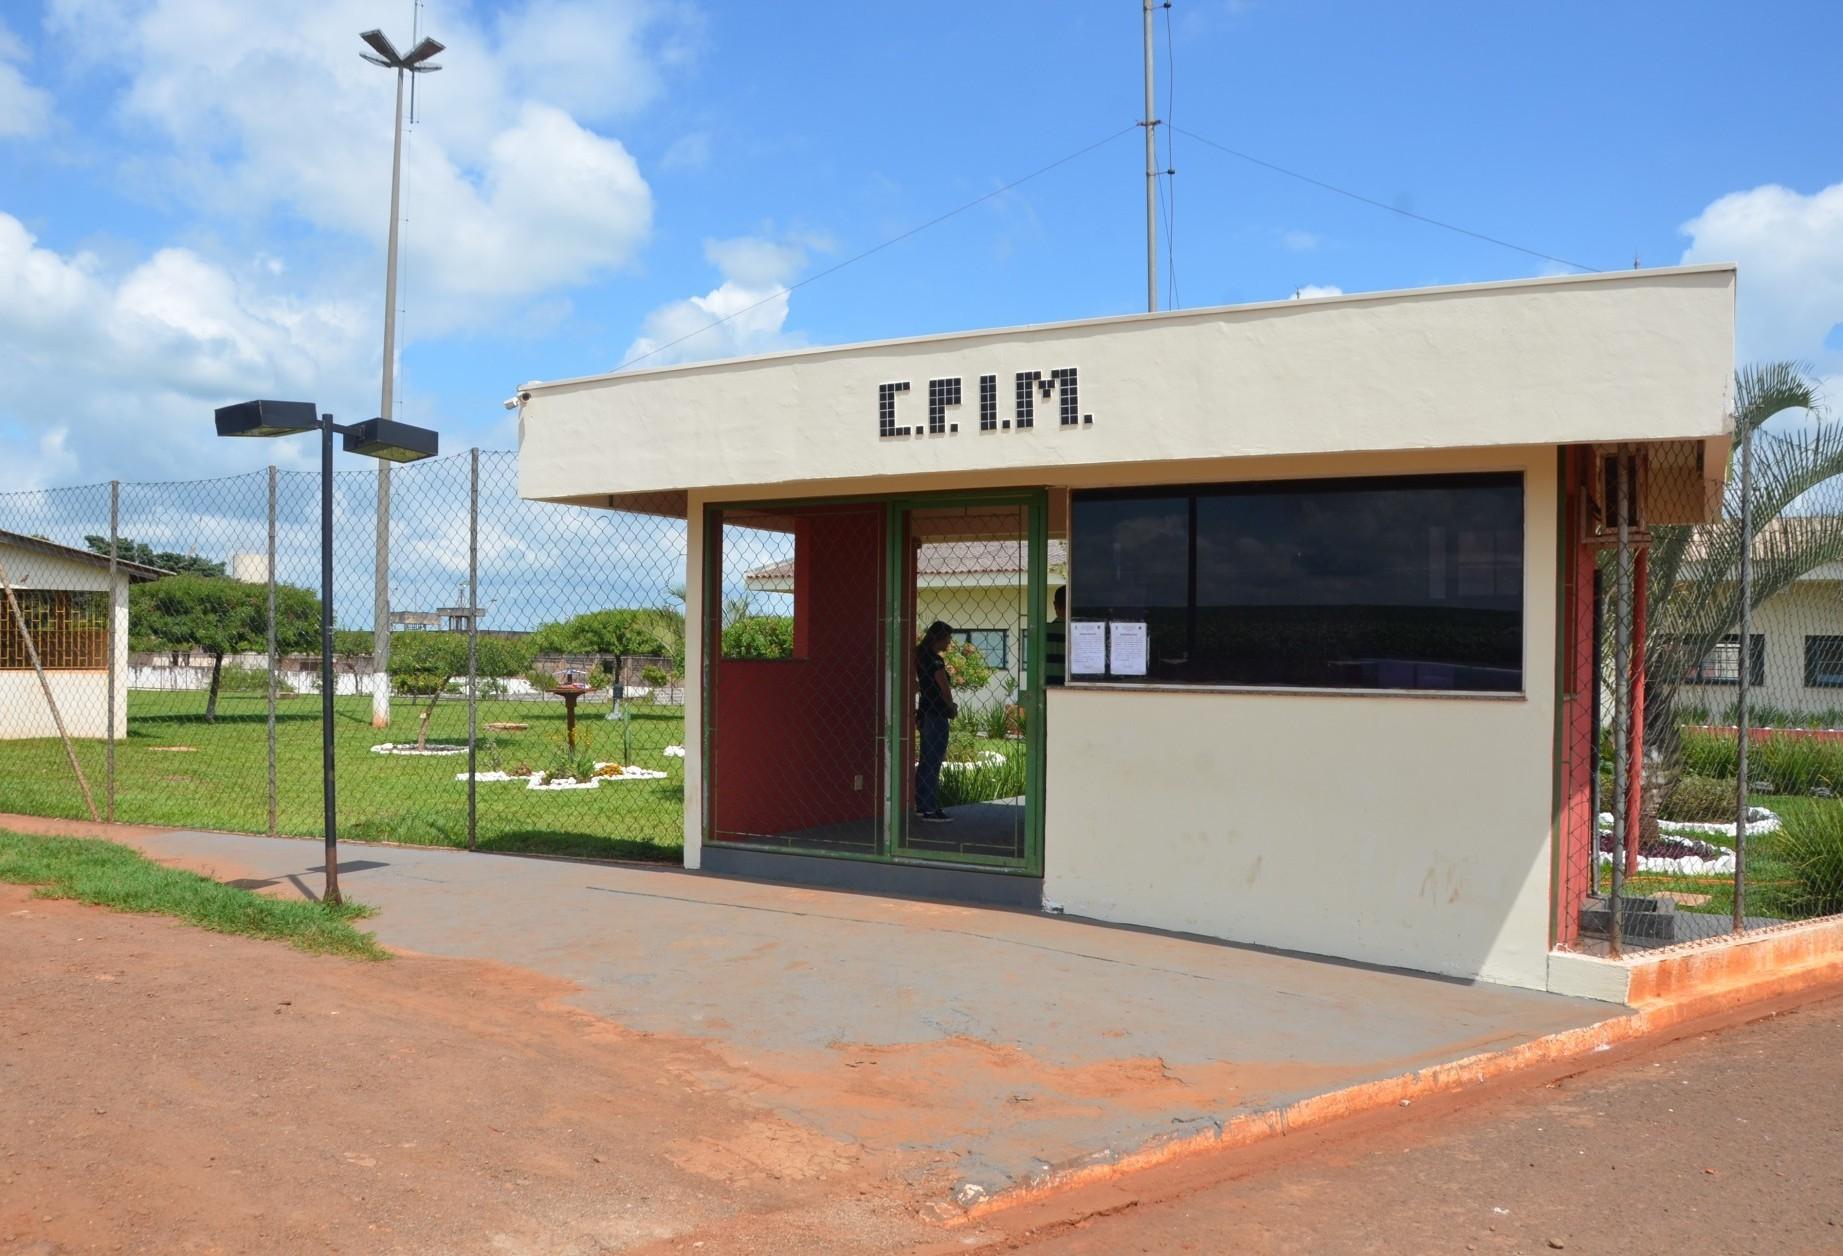 Dos 224 presos que saíram da Cpim, nove não voltaram